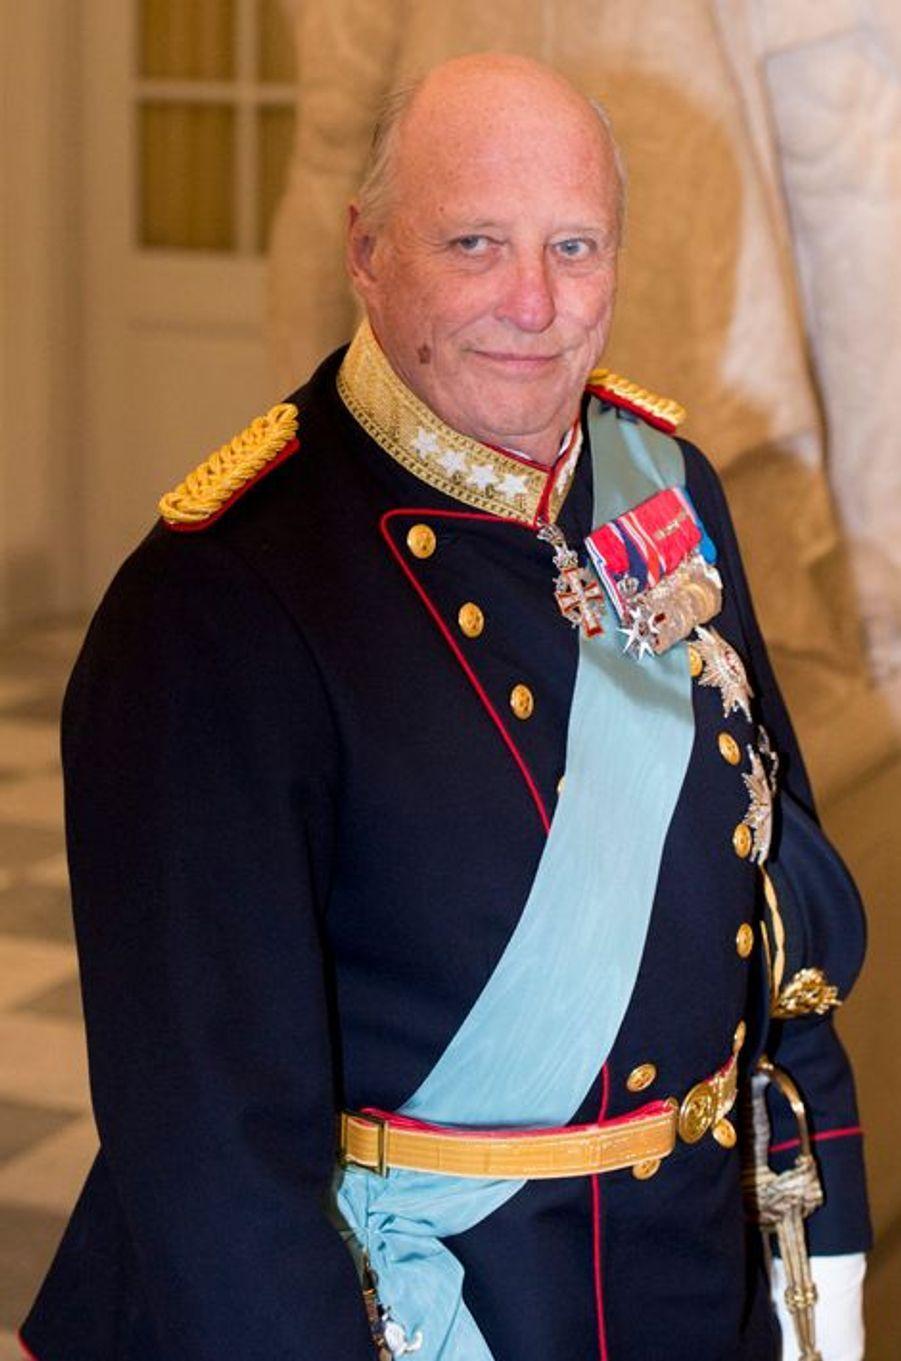 Le roi Harald V de Norvège à Copenhague, le 15 avril 2015